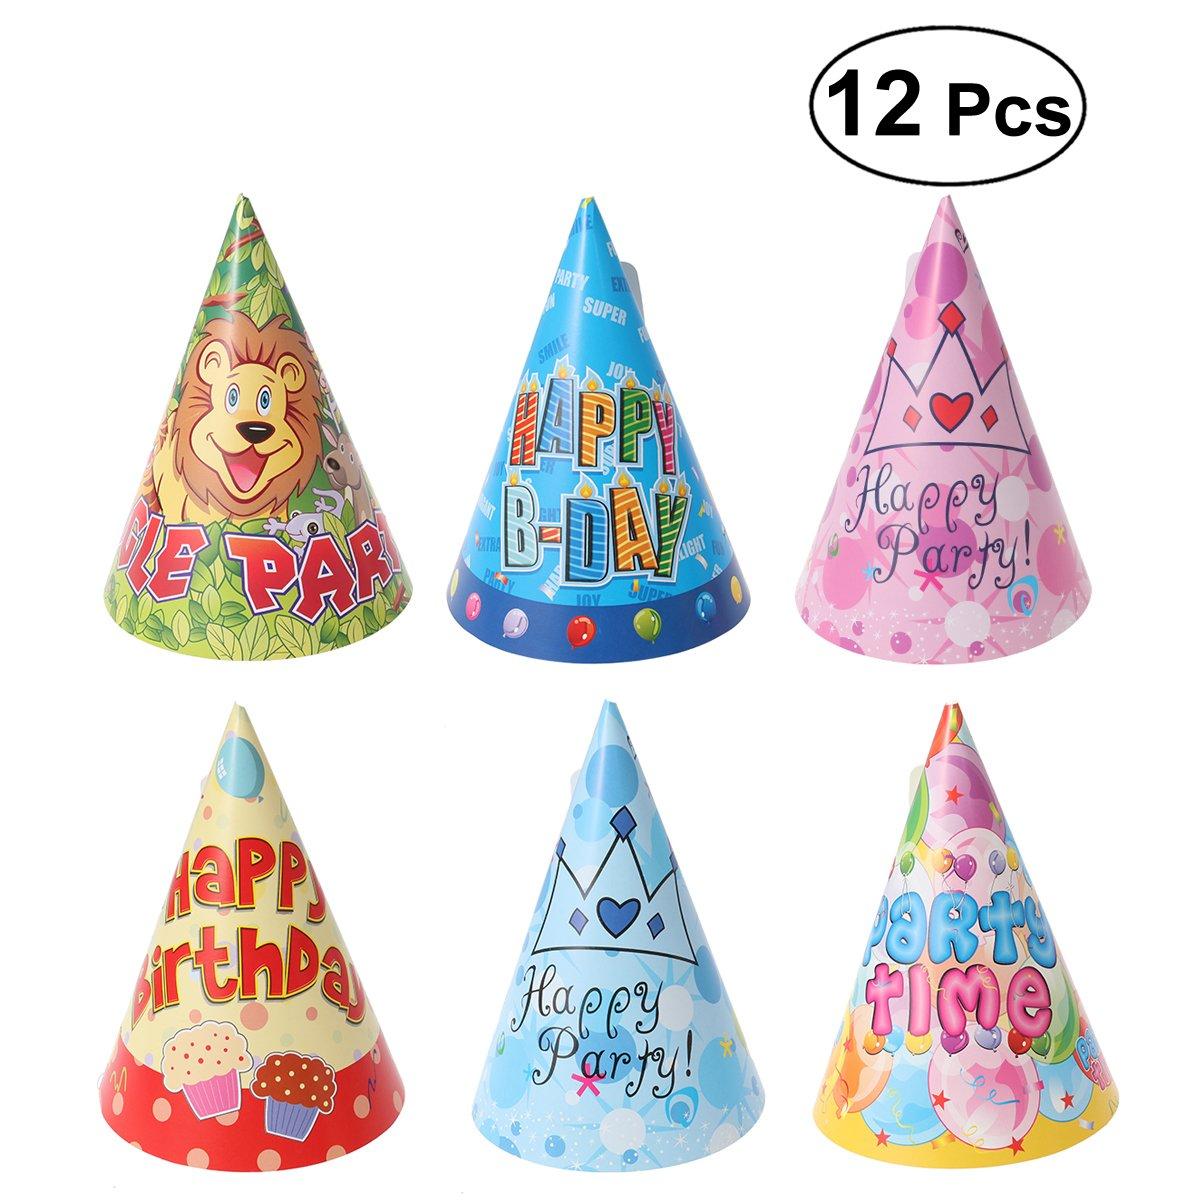 UKCOCO 12Pcs Katze Hund Haustier Happy Birthday Party Hut 6 Stile ...